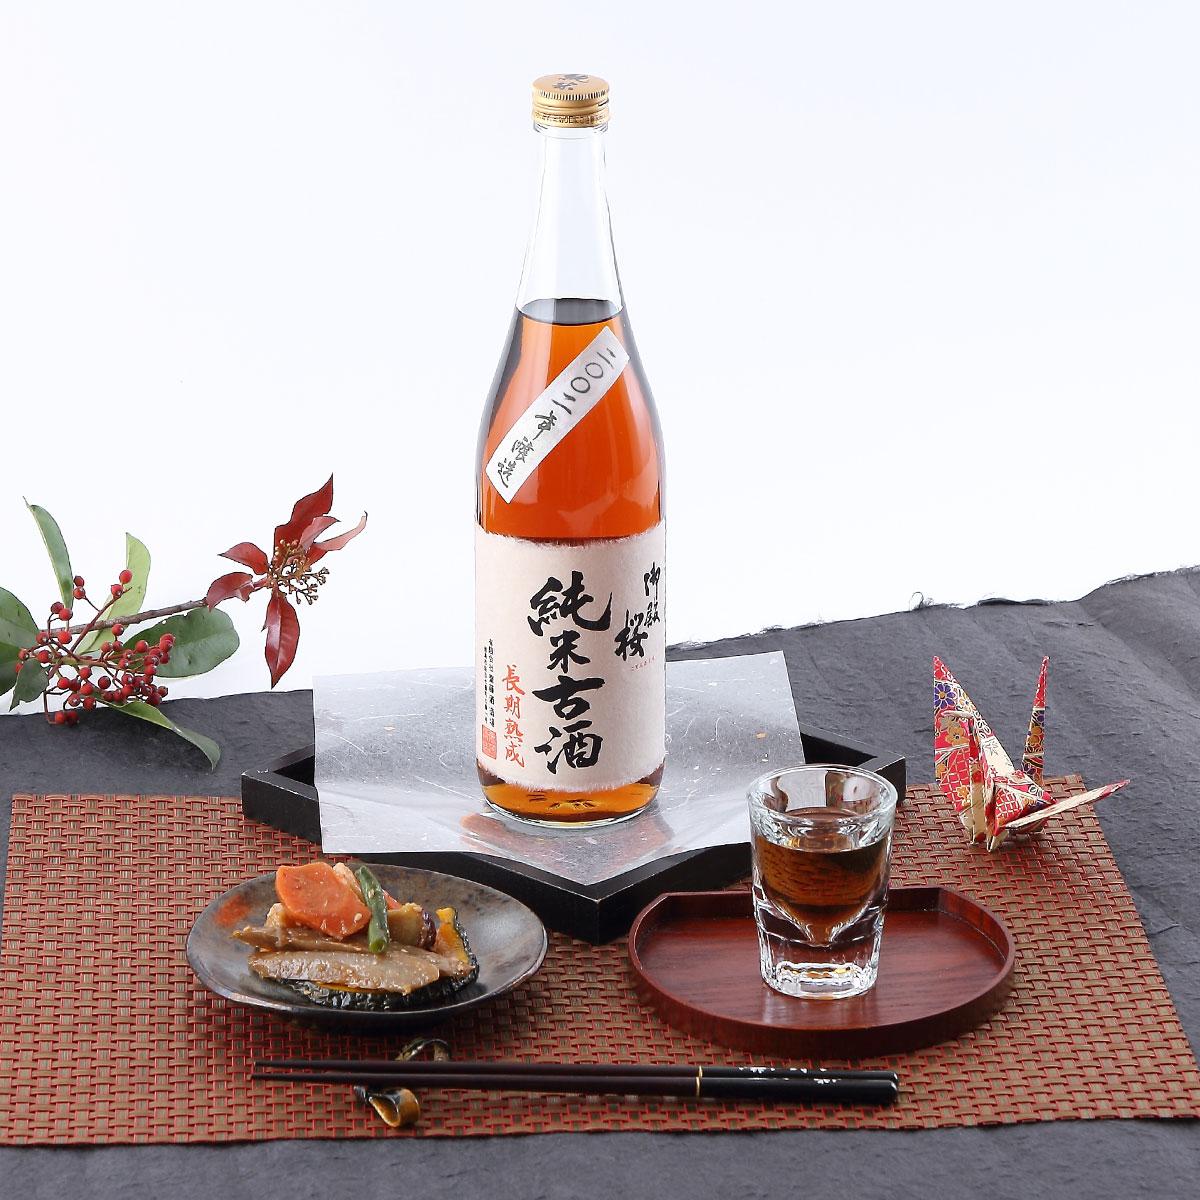 トロリとした個性的な美味しさ 御殿桜 純米古酒 2002年 720ml[純米古酒]